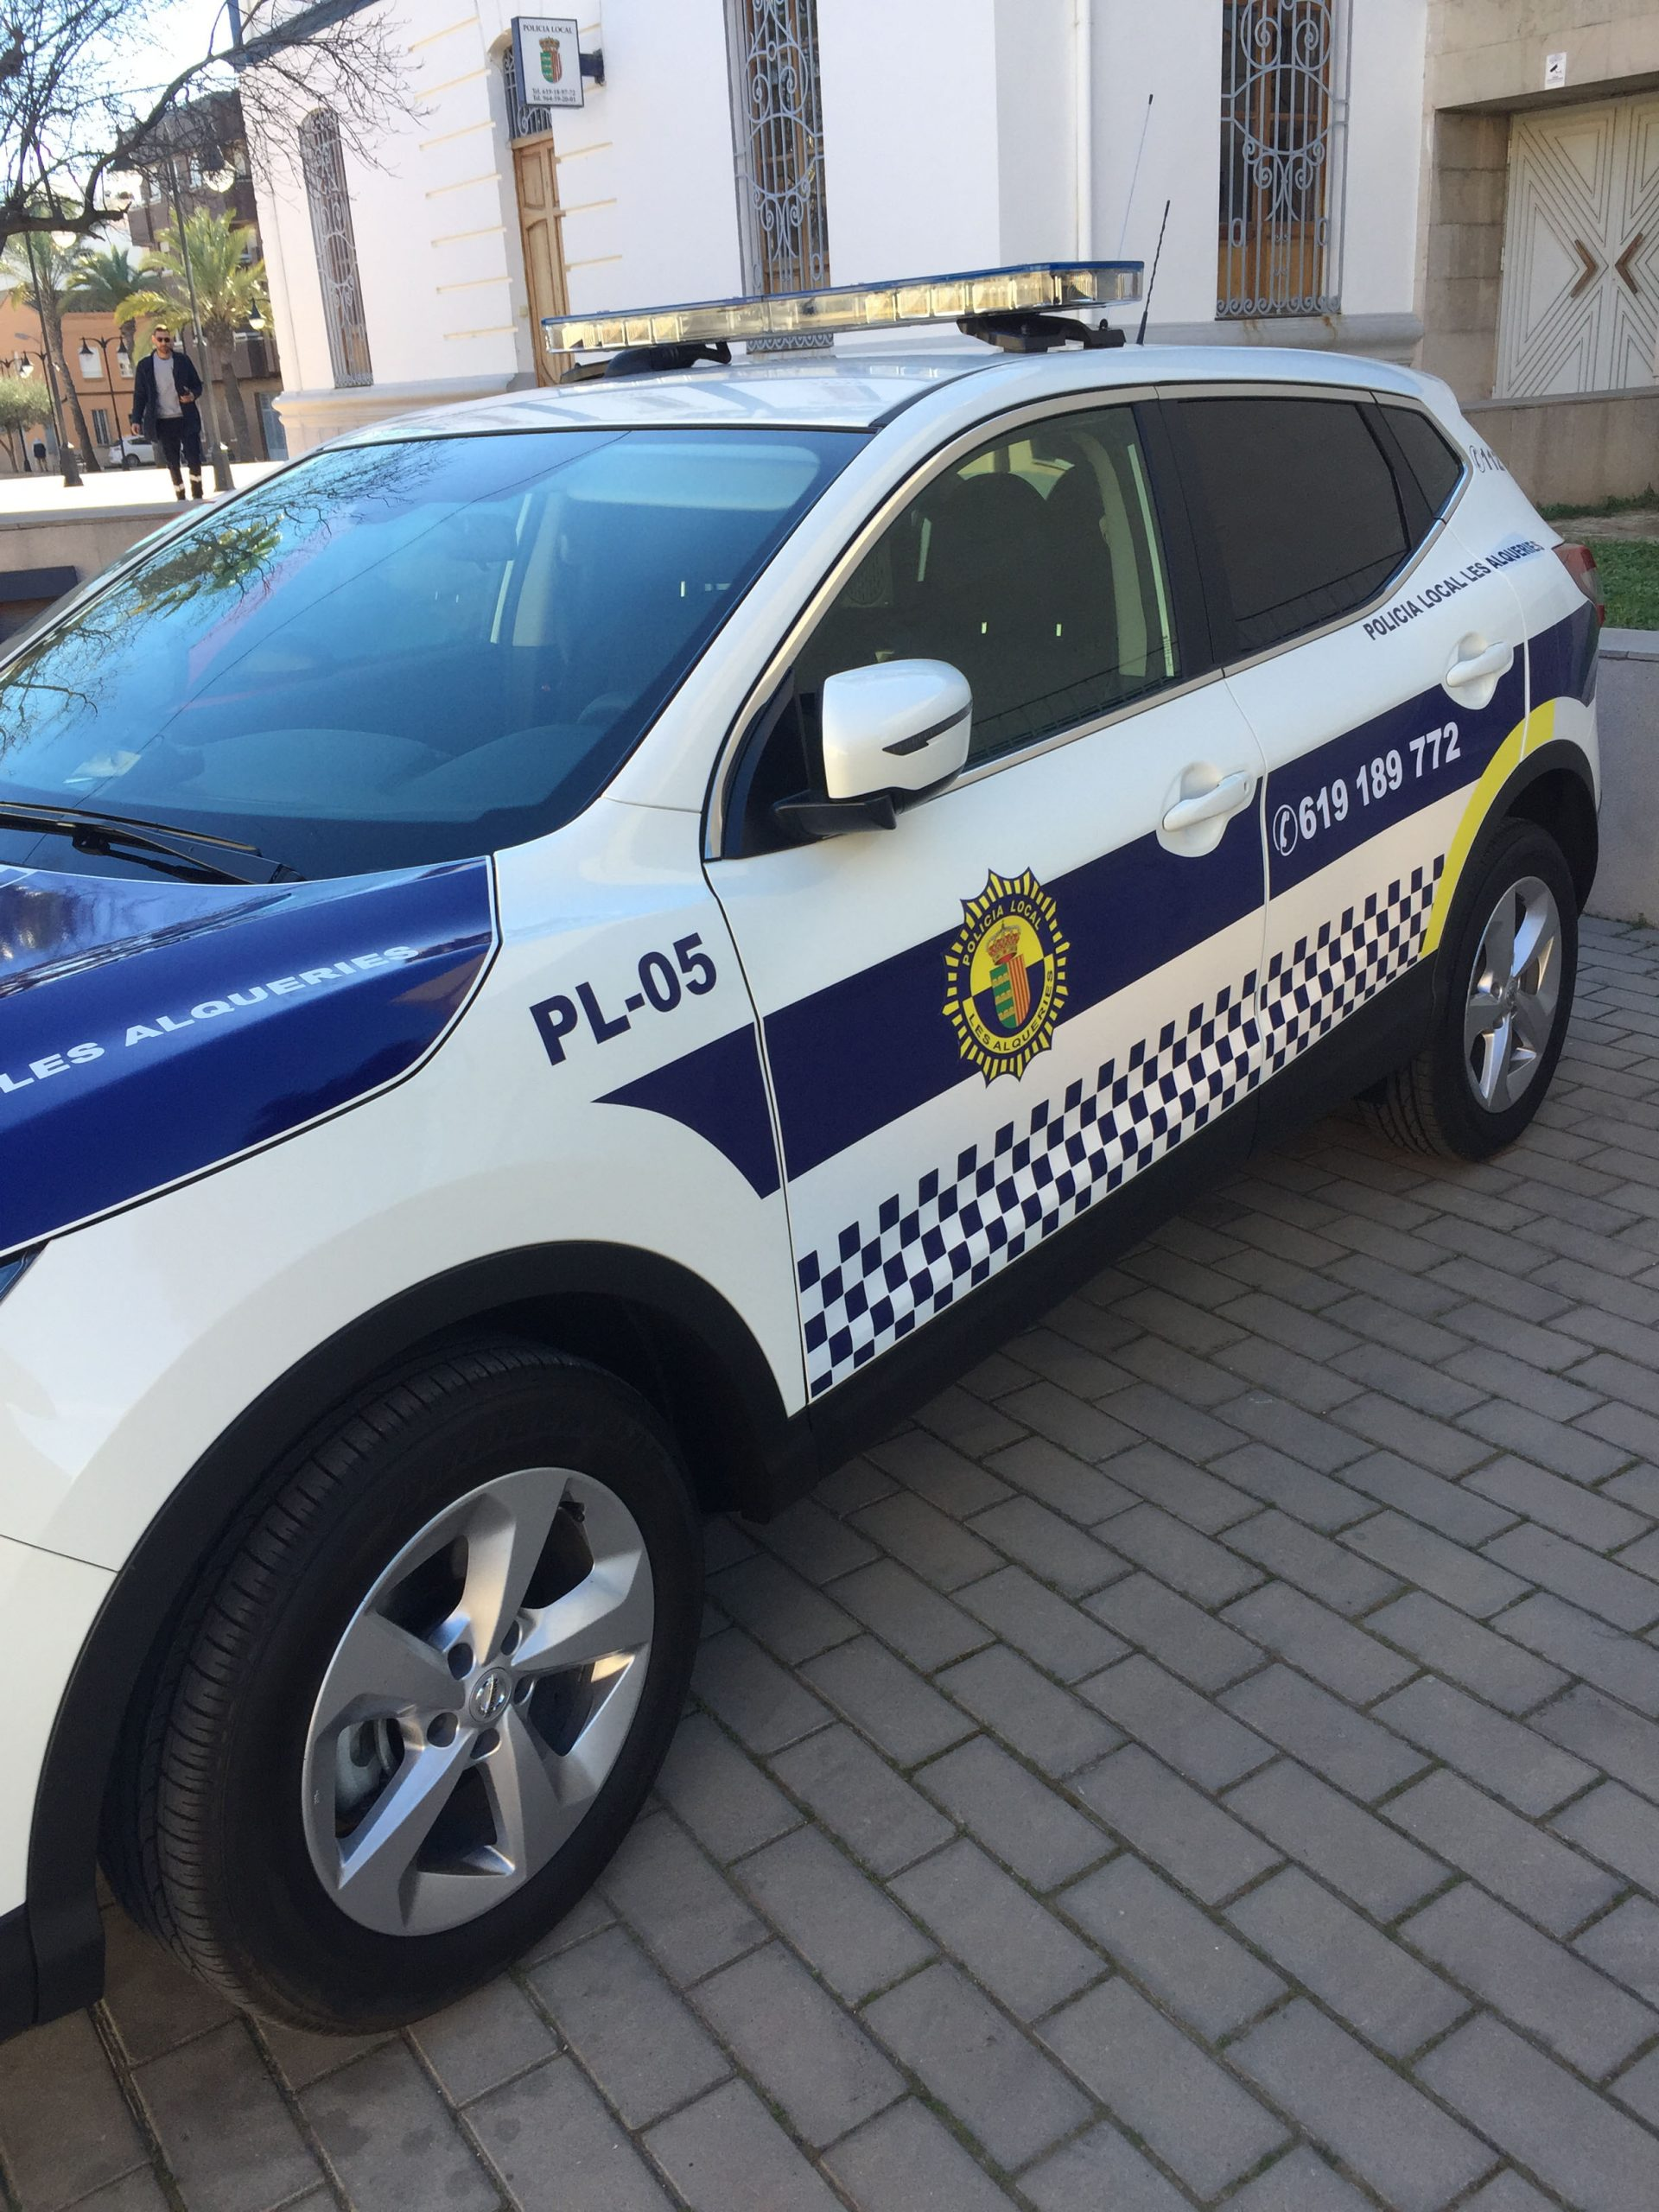 Entrevista al Oficial Jefe de la Policía Local de Les Alqueries, Francisco Borrás